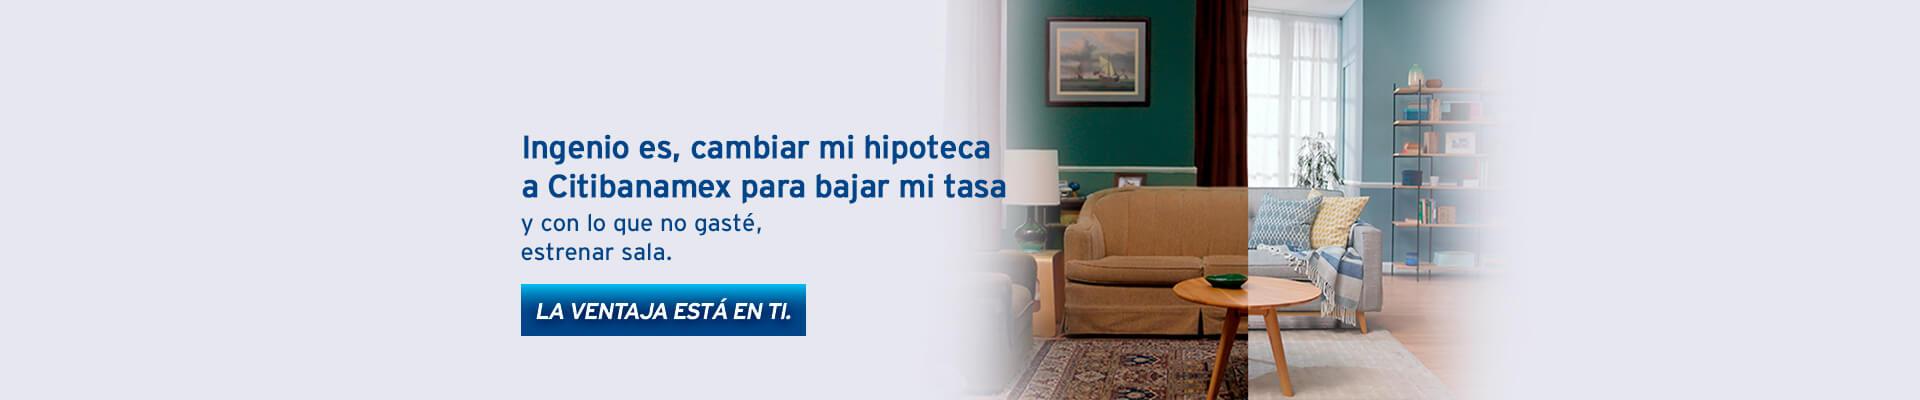 hipoteca interes credito: